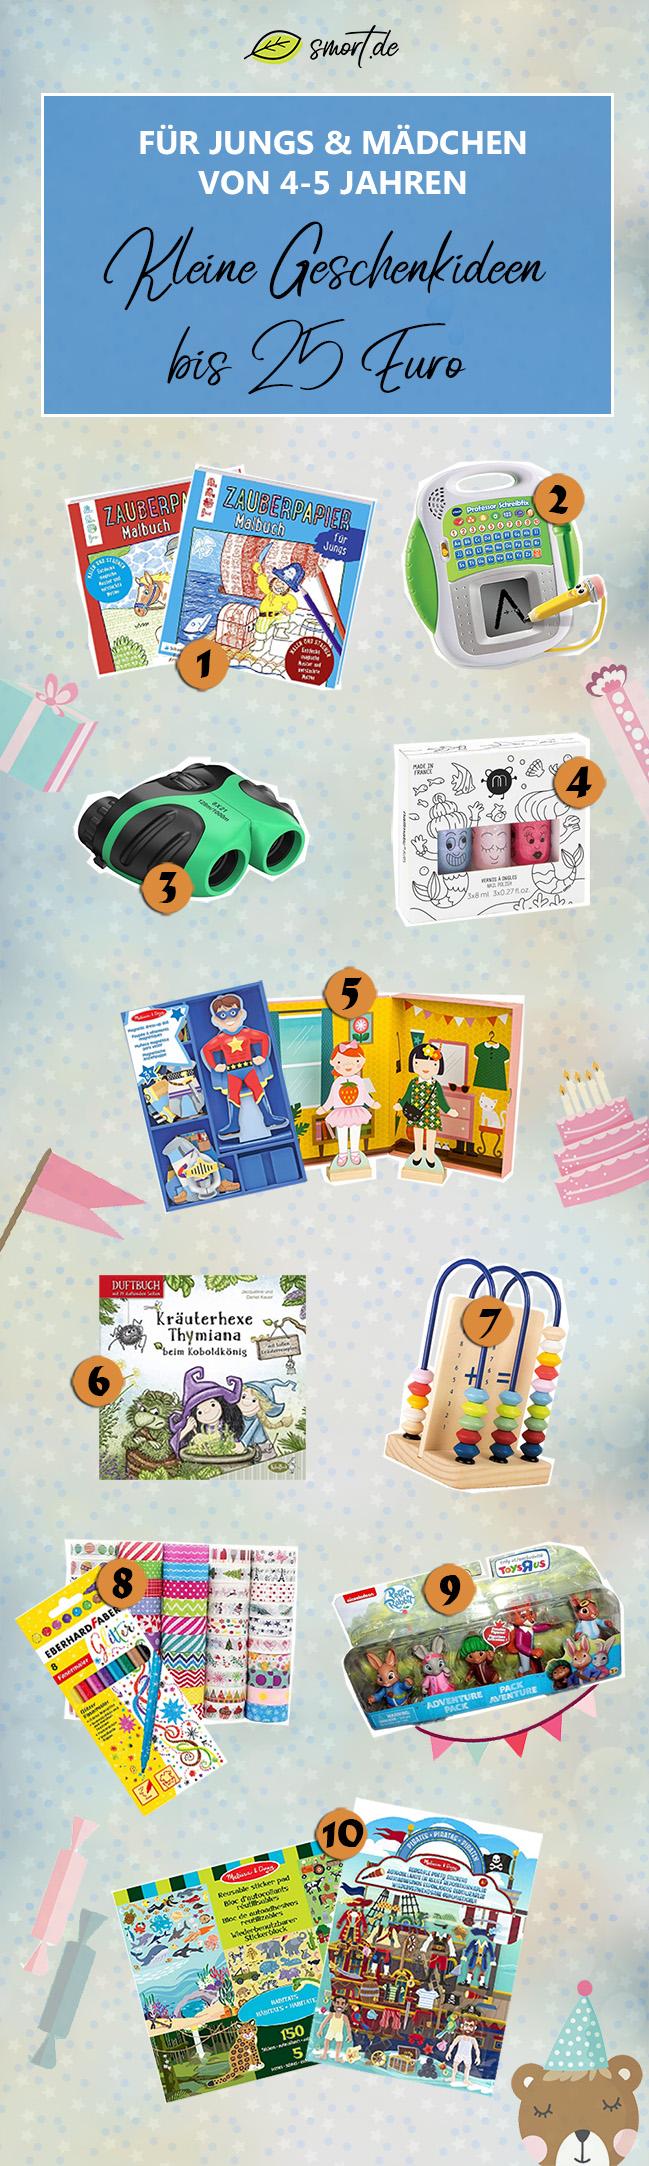 Kleine Geschenke für 4 Jährige und 5 Jährige bis 25 EURO - Mädchen und Junge #spielzeug